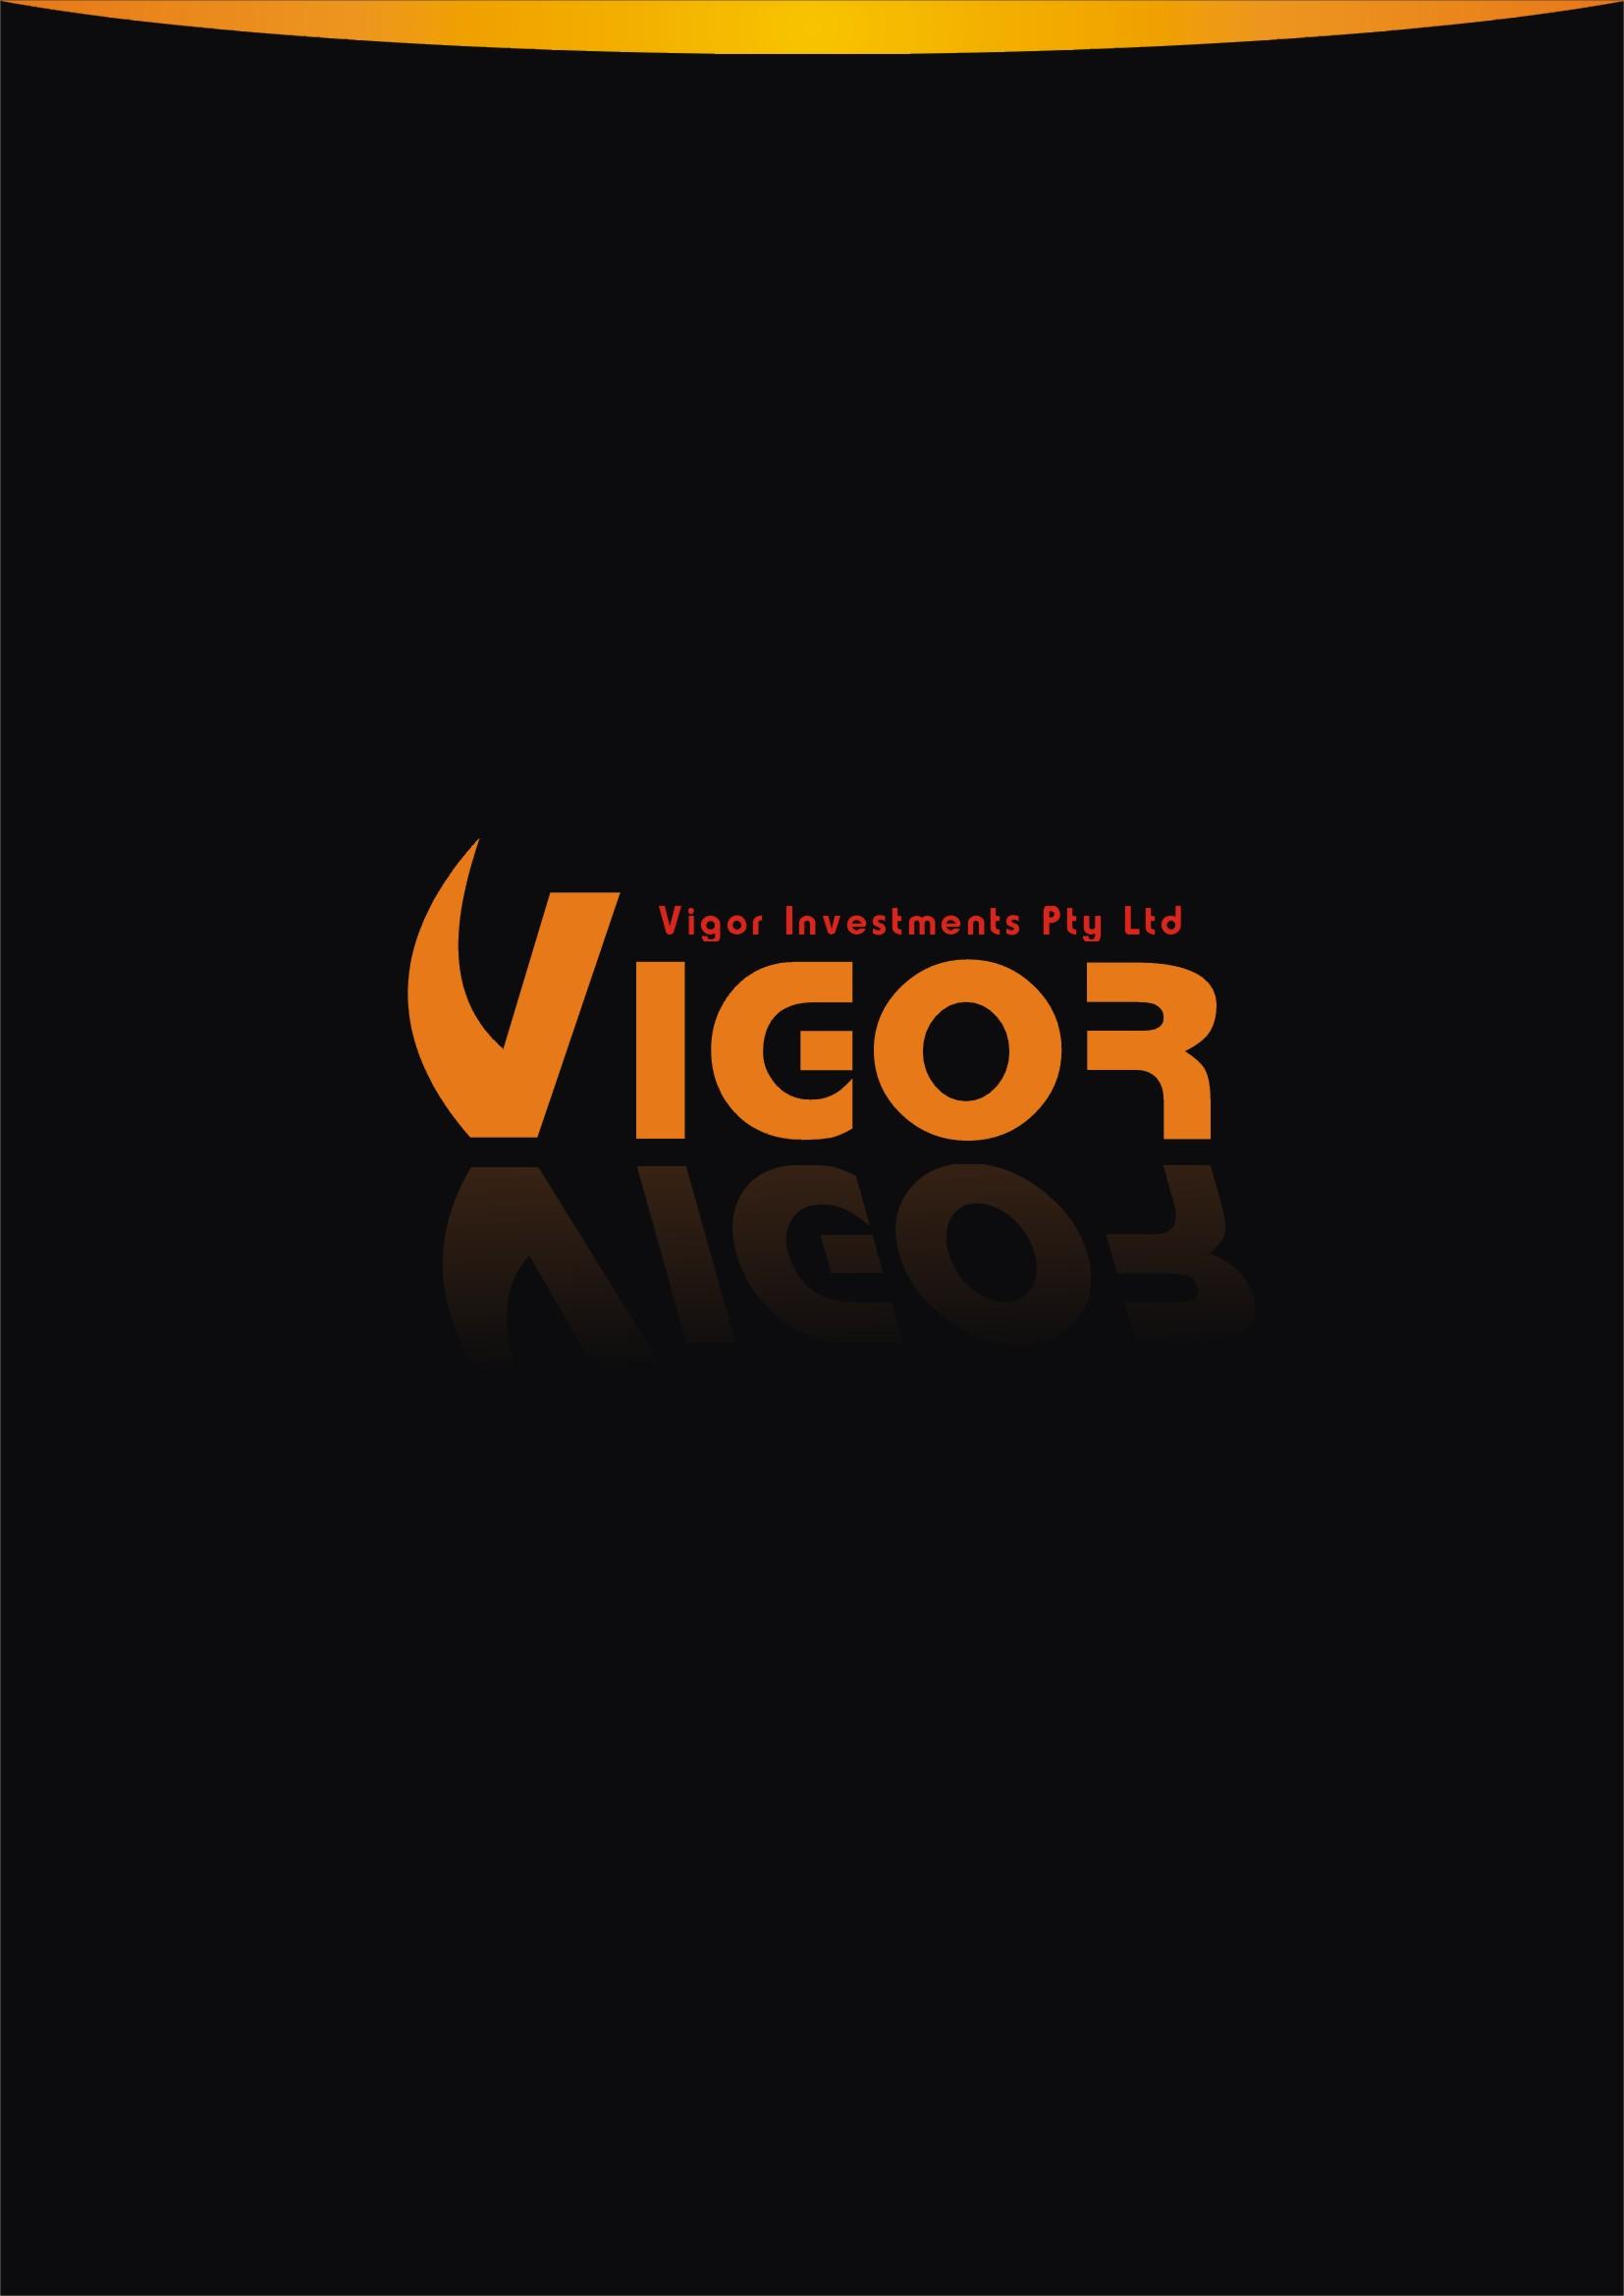 维格投资有限公司logo 及名片设计(15日)